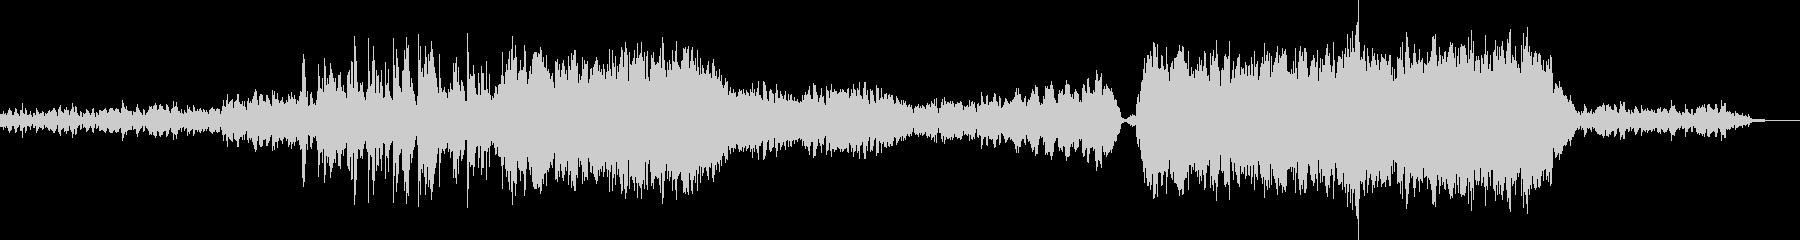 弦楽器の掛け合いがあるバラード調BGMの未再生の波形